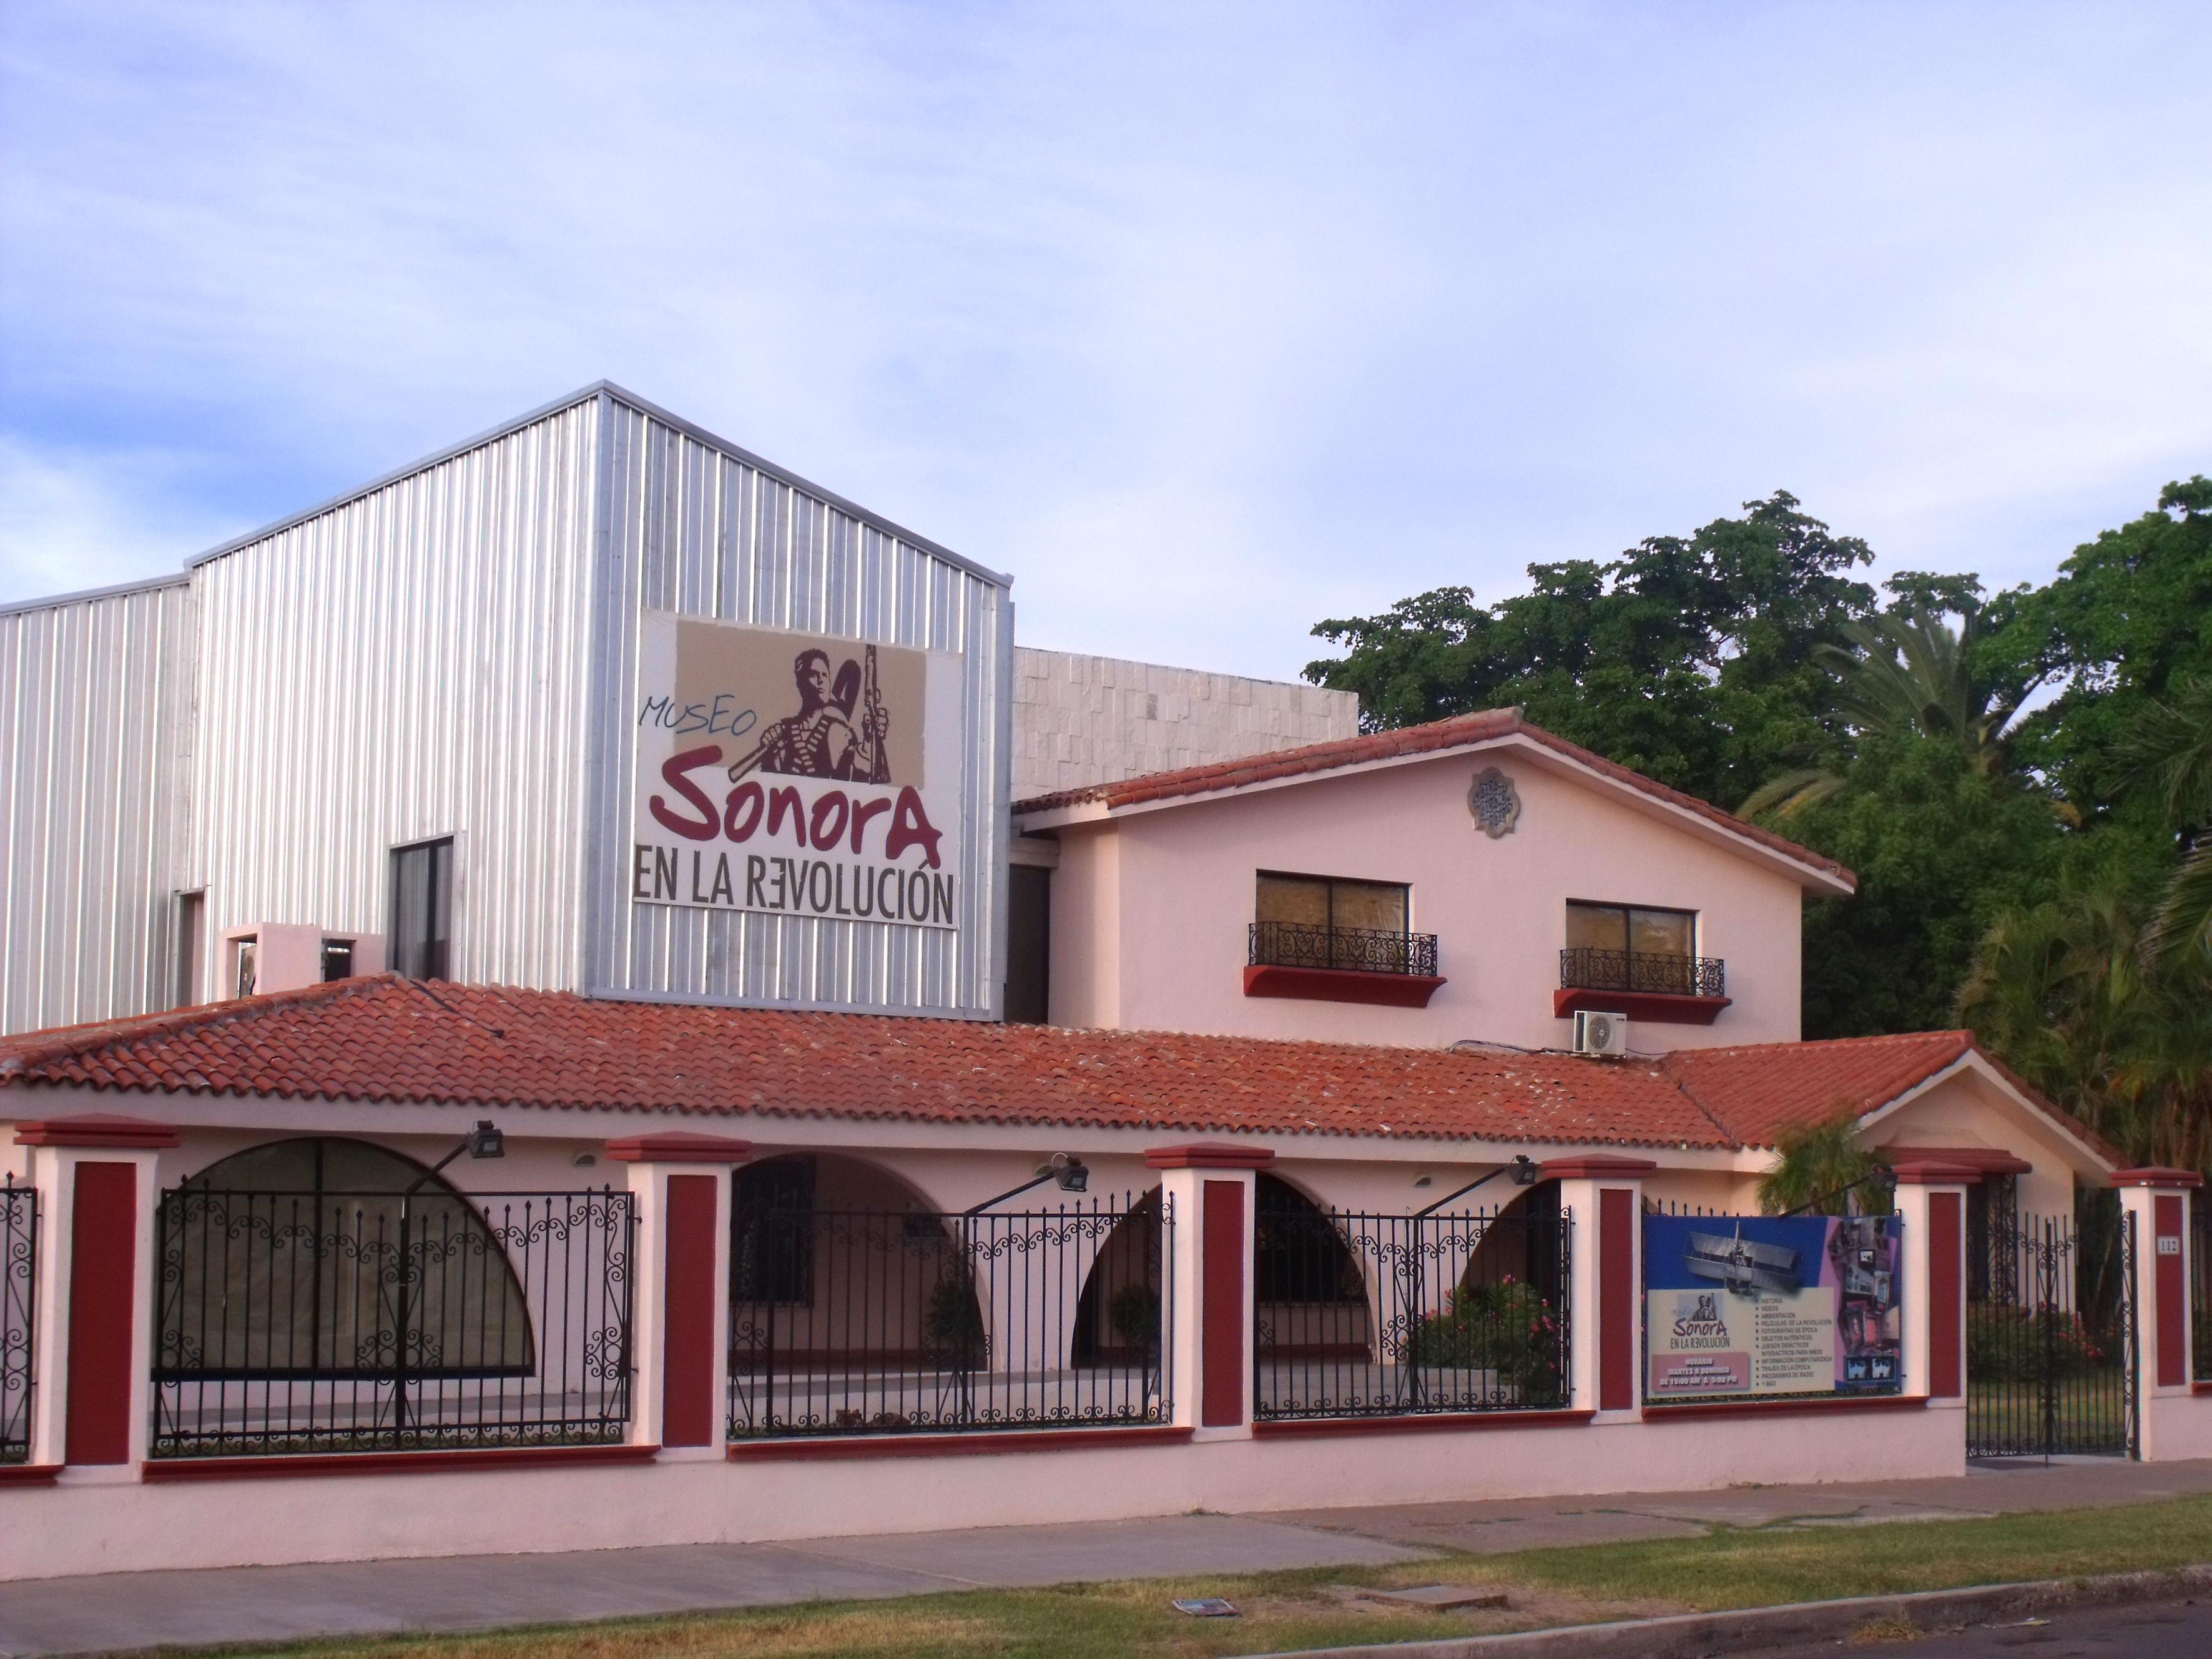 Museo De La Revolucion.Museo Sonora En La Revolucion Museos Mexico Sistema De